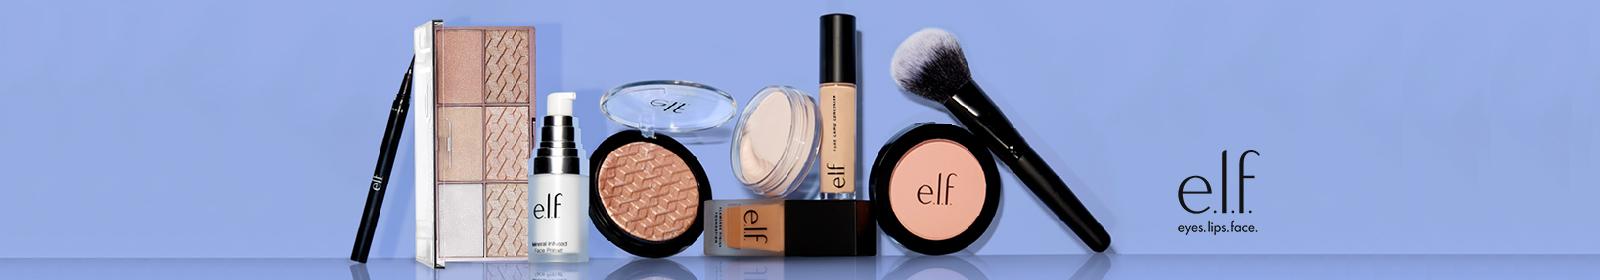 cosmetice/accesorii e_l_f